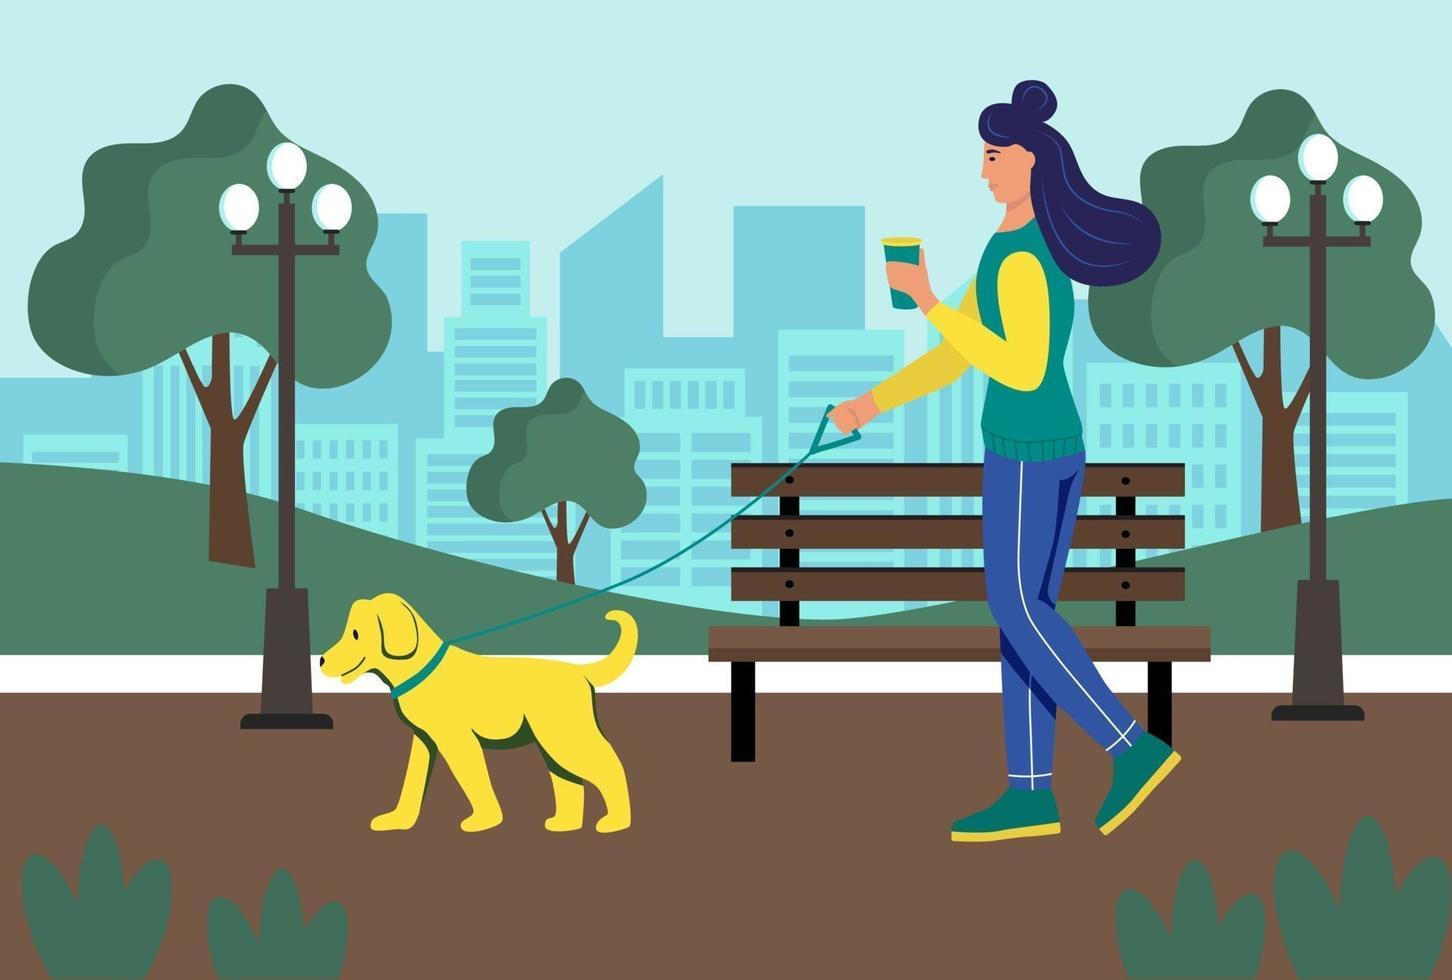 en ung kvinna med ett glas kaffe i händerna går med sin hund i parken. livsstil, stadslandskap, sommarpark. platt tecknad vektorillustration. vektor